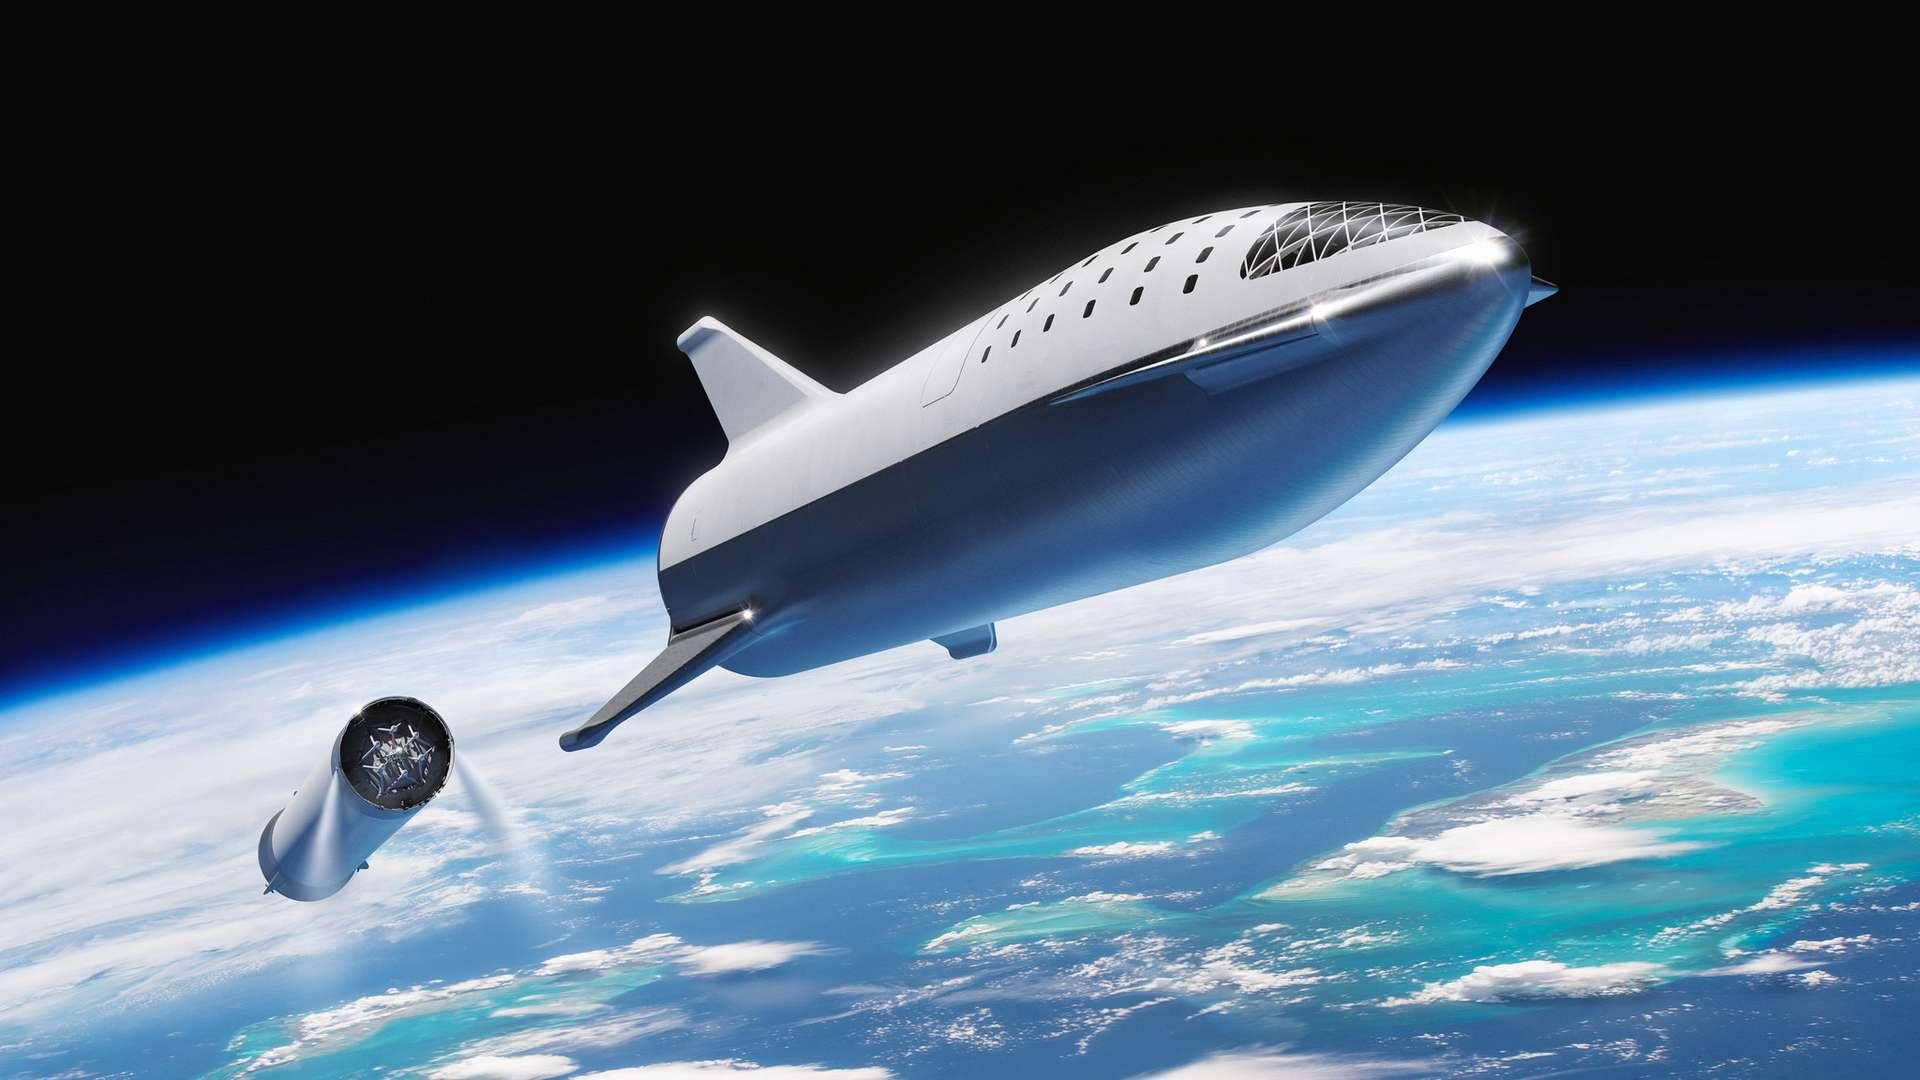 Vue d'artiste du vaisseau Starship développé par SpaceX. Le Starhopper, prototype achevé en janvier 2019, a réussi avec brio son premier « saut » pour tester tous les systèmes du futur Starship. © SpaceX